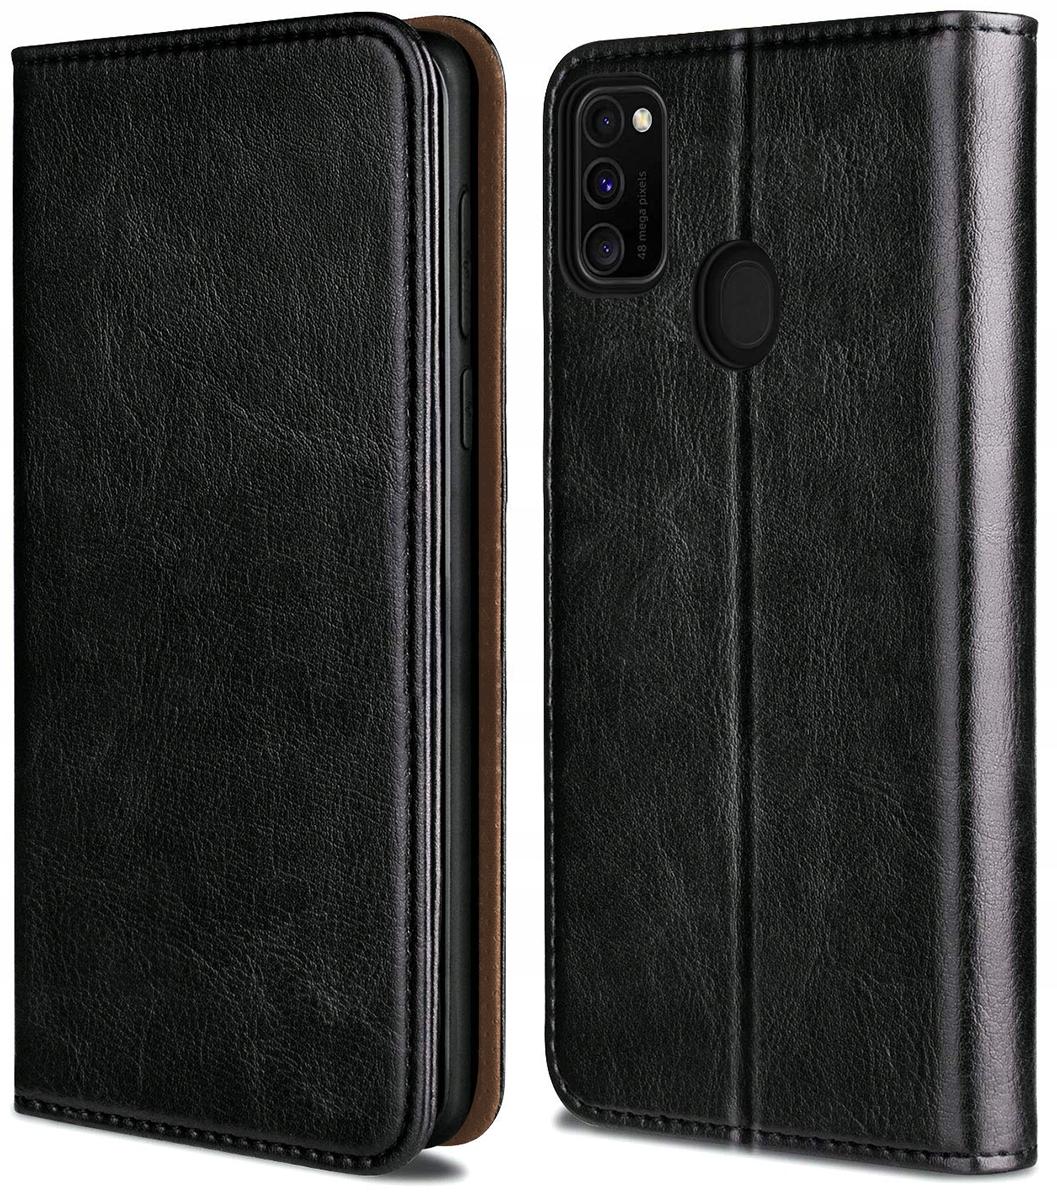 ETUI SKÓRZANE PORTFEL +SZKŁO do Samsung Galaxy M21